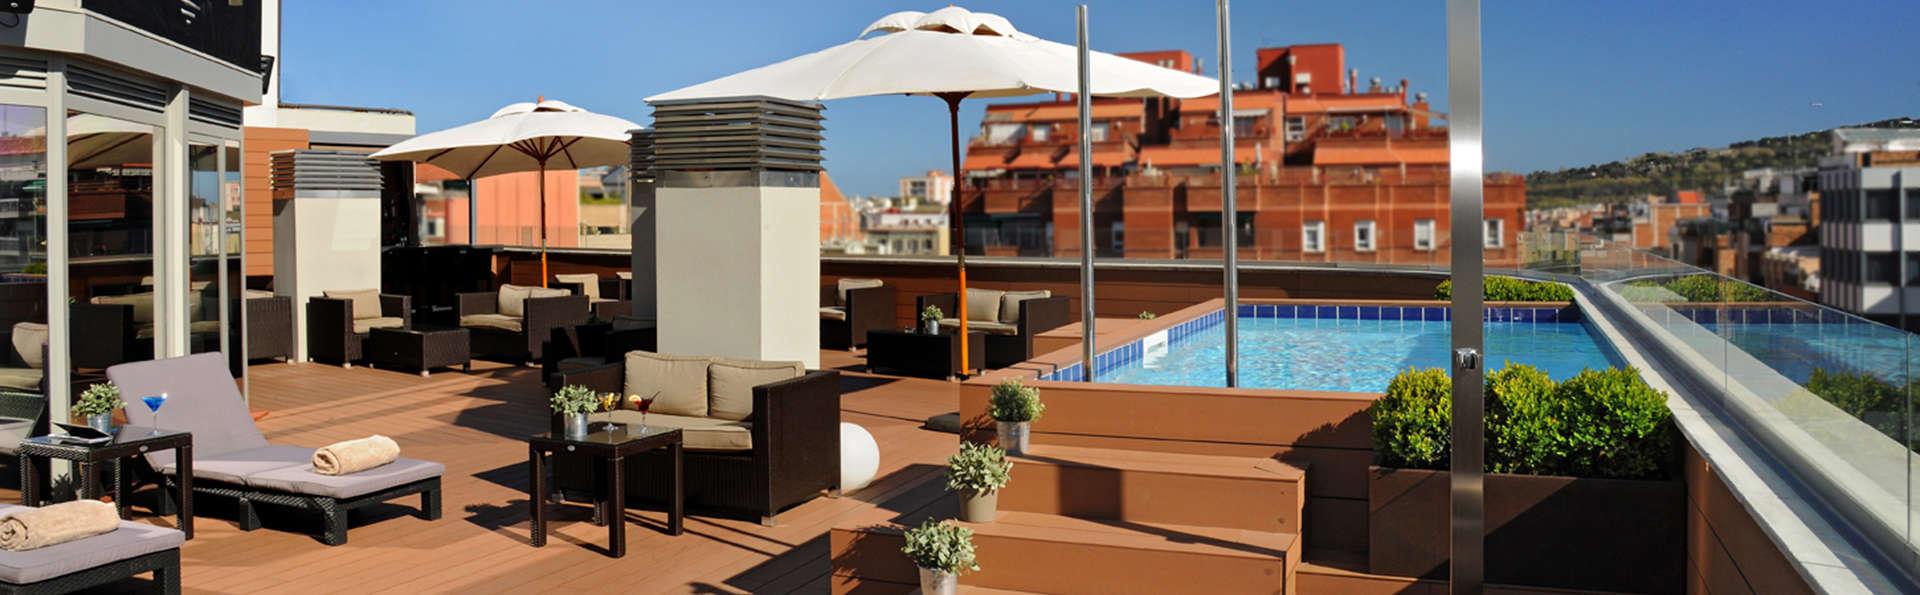 Escapada chic en Barcelona con cocktail y detalles románticos en la habitación